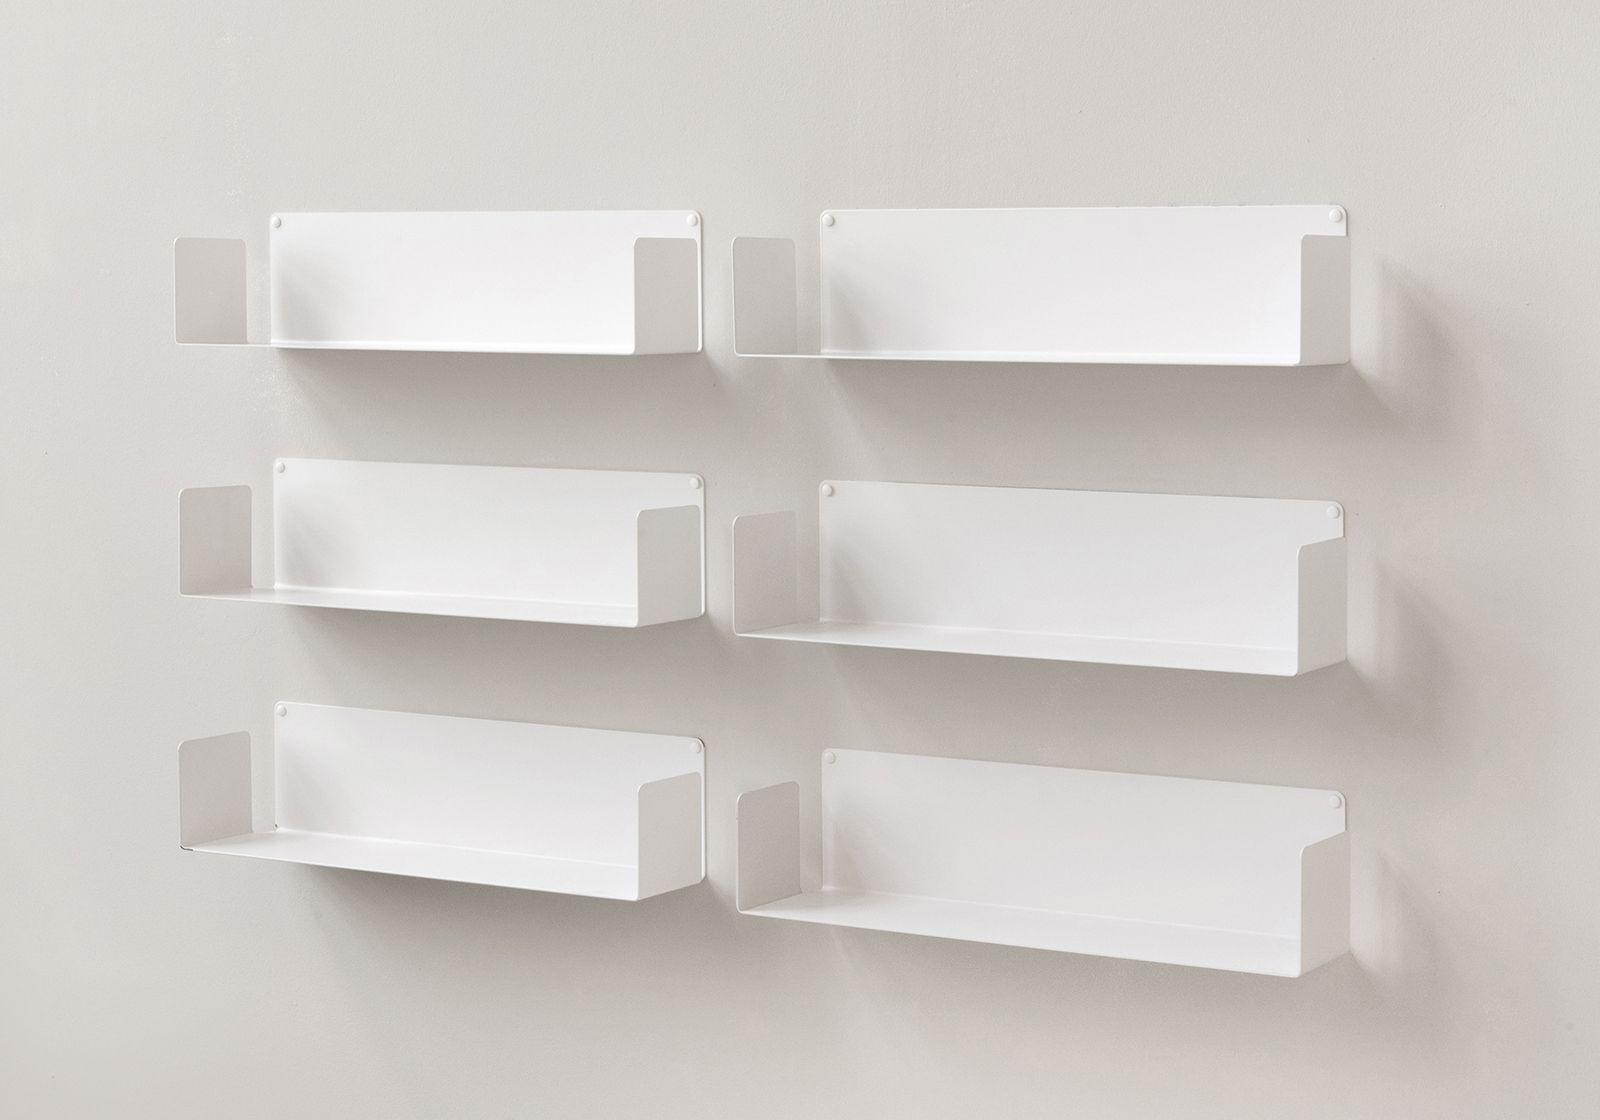 253 floating shelves u 60 cm set of 6